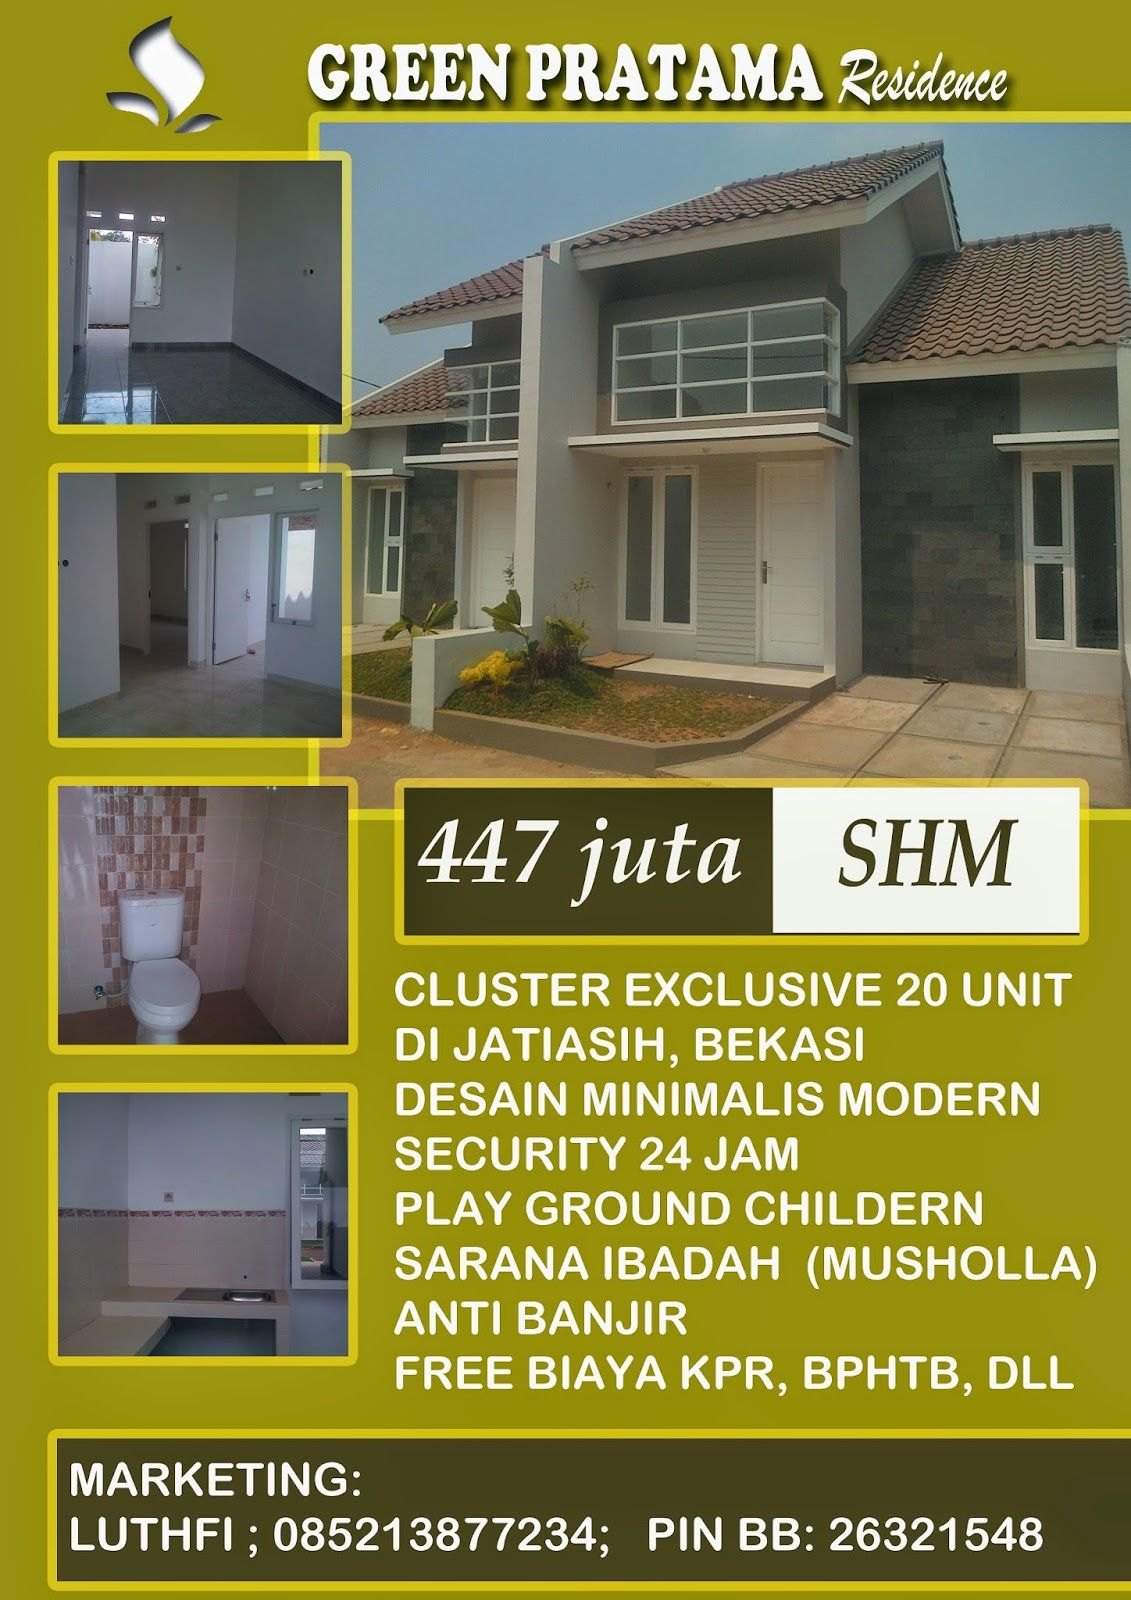 Galeri Properti Rumah Jatiasih Rumah Rumah Minimalis Modern